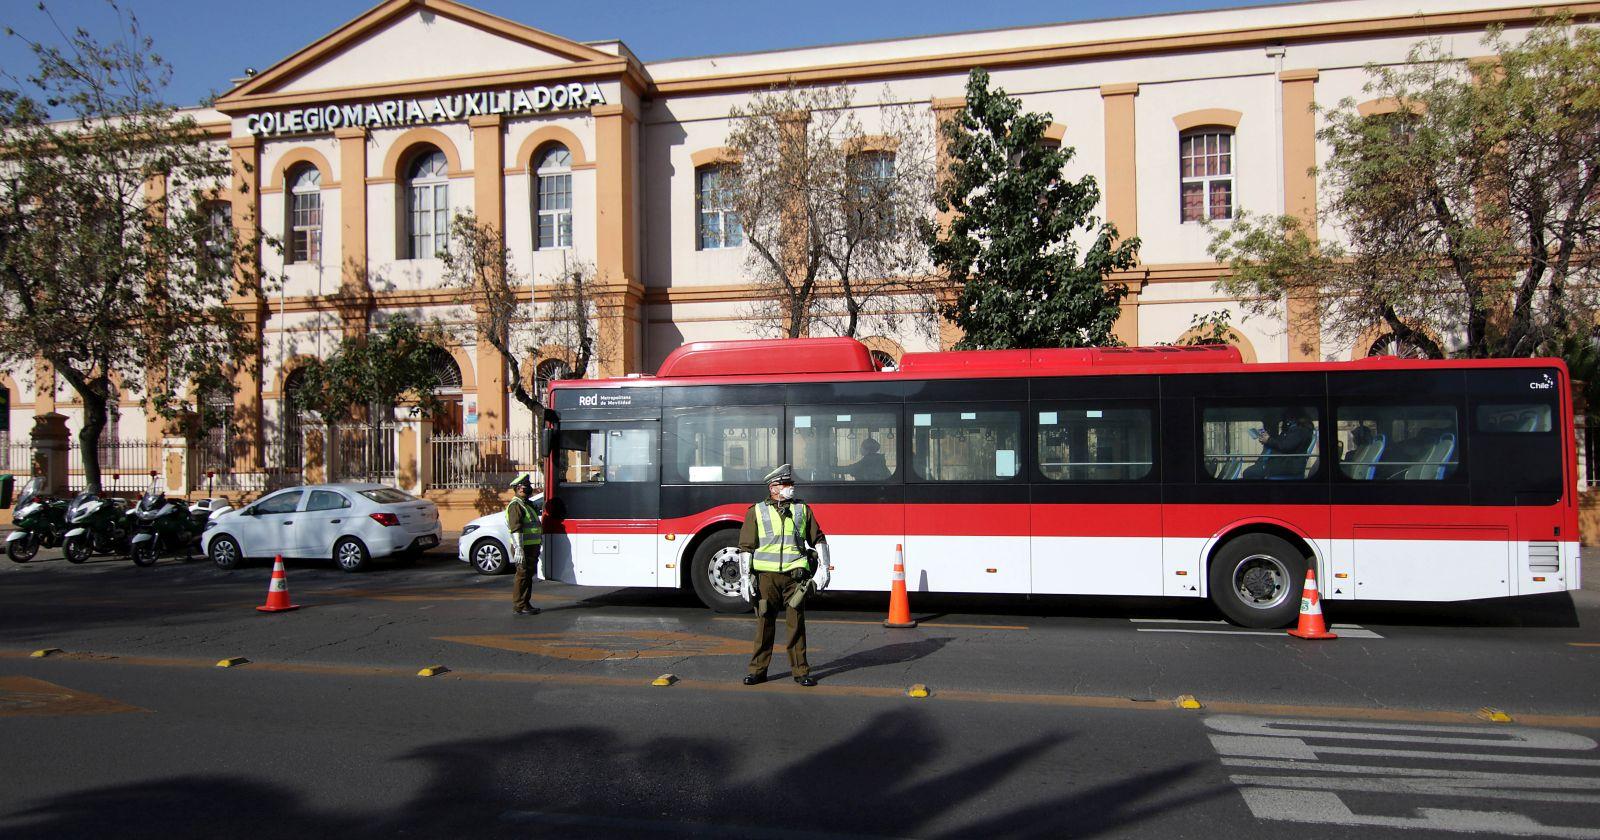 Gobierno anuncia restricciones y nuevo permiso obligatorio para trabajadores durante cuarentena